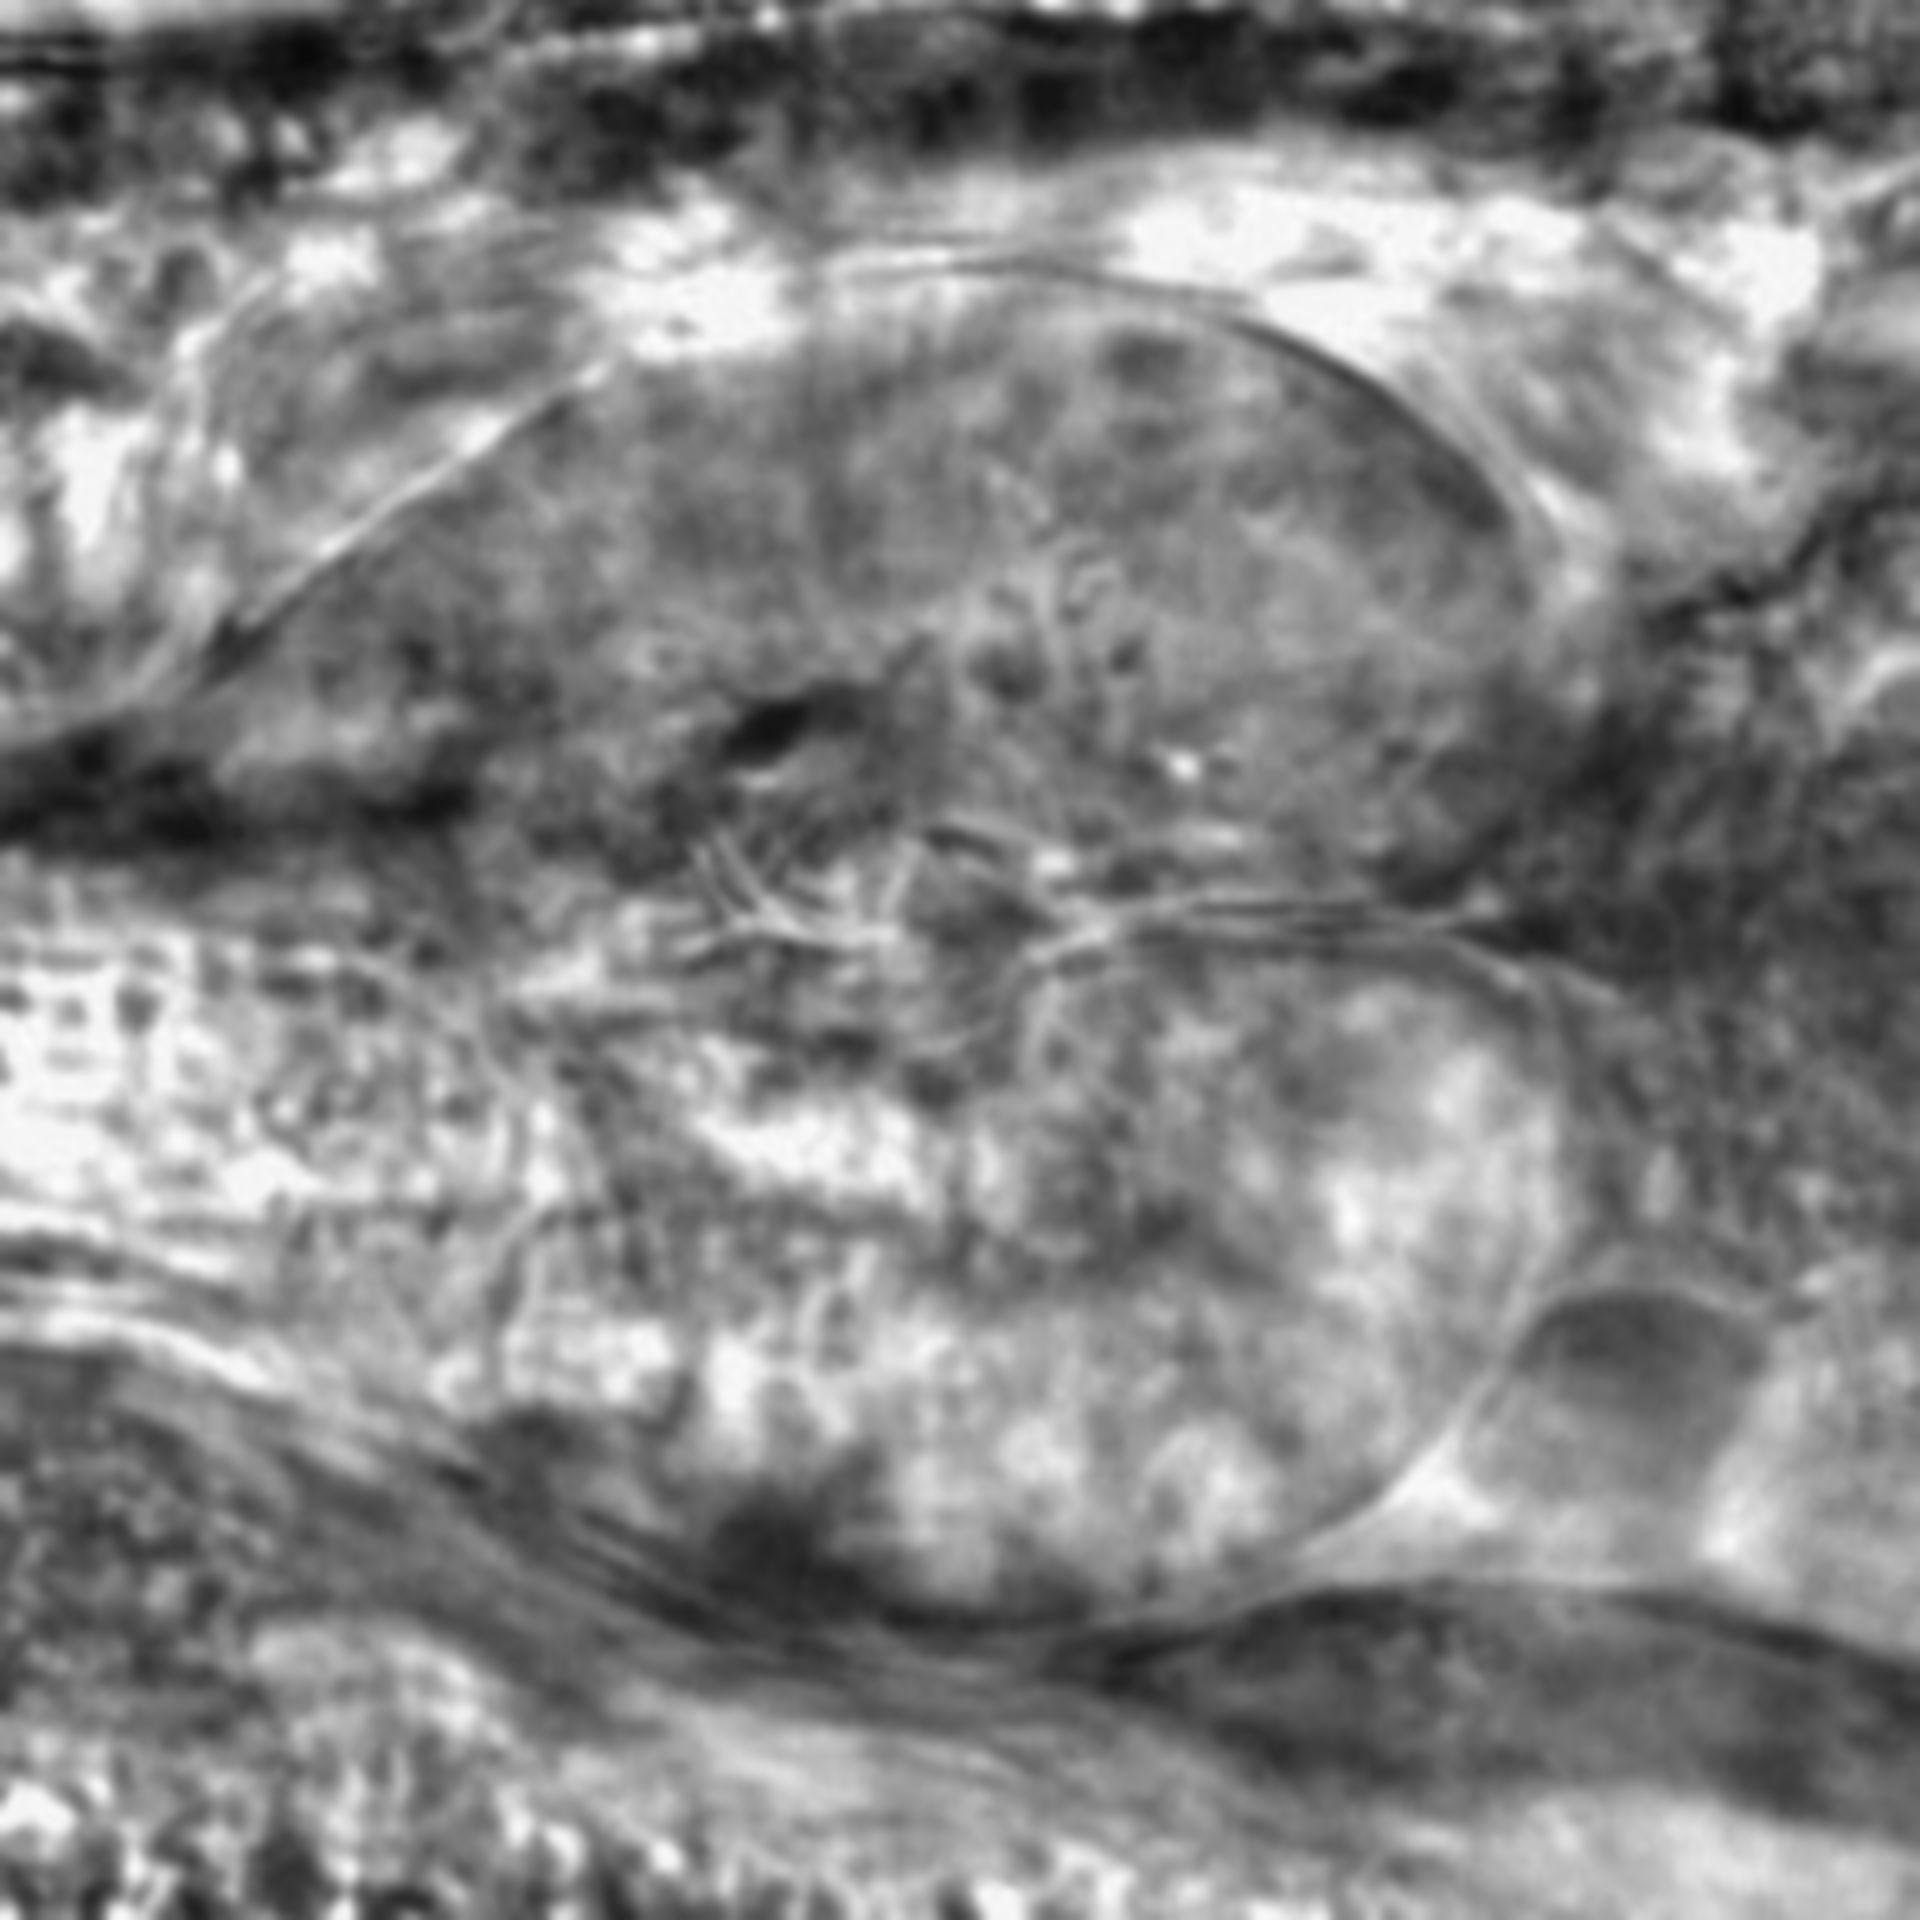 Caenorhabditis elegans - CIL:2239